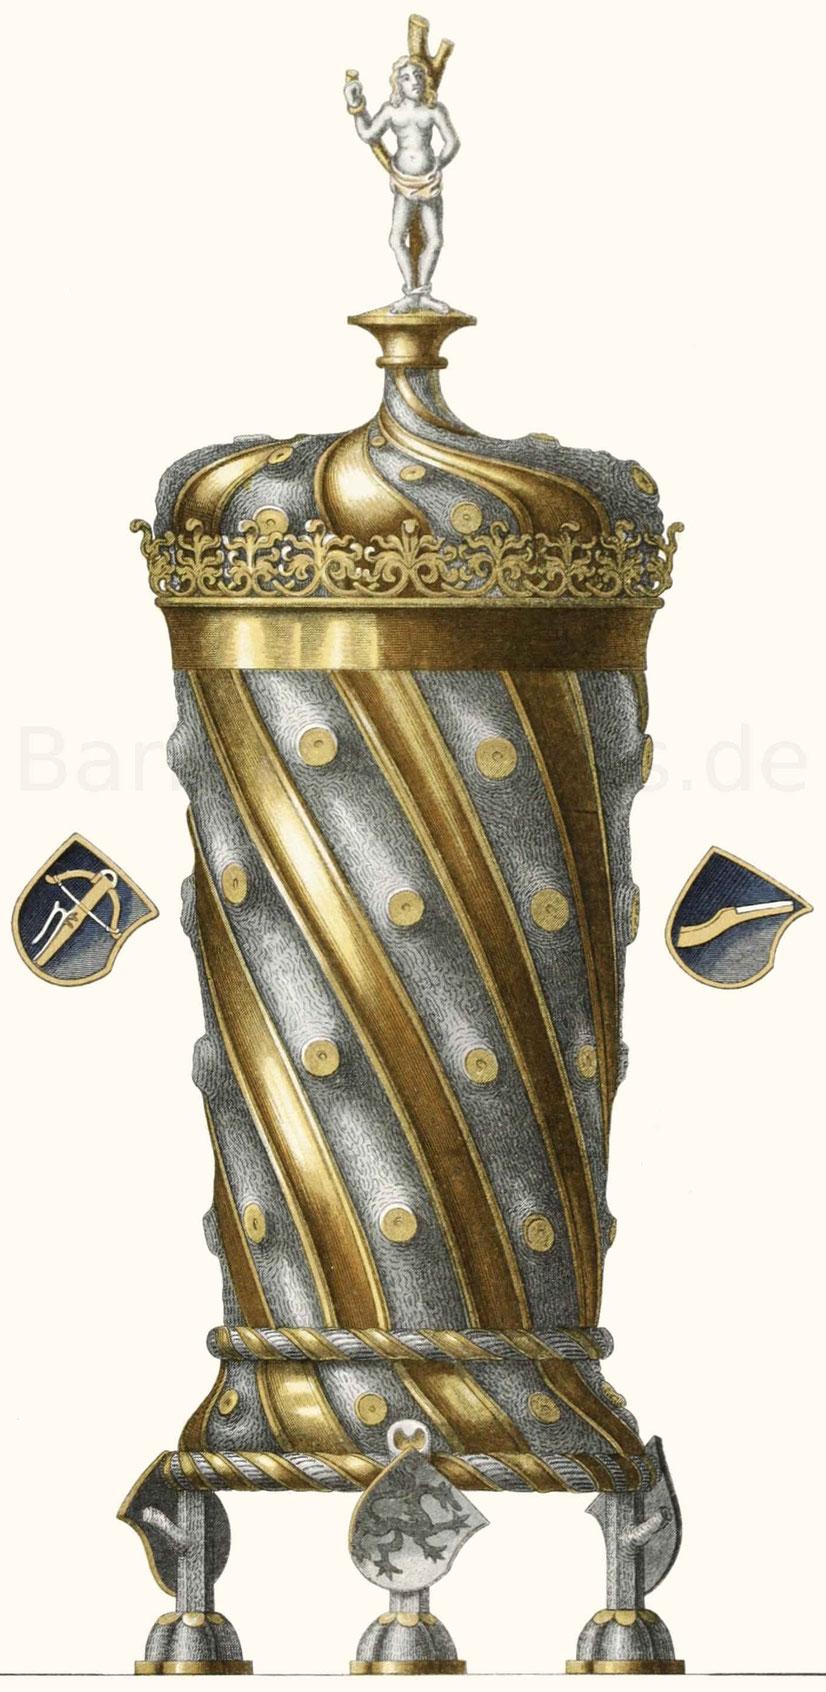 Pokal aus Silber, mit teilweiser Vergoldung, aus dem Schluss des 15. Jahrhunderts.